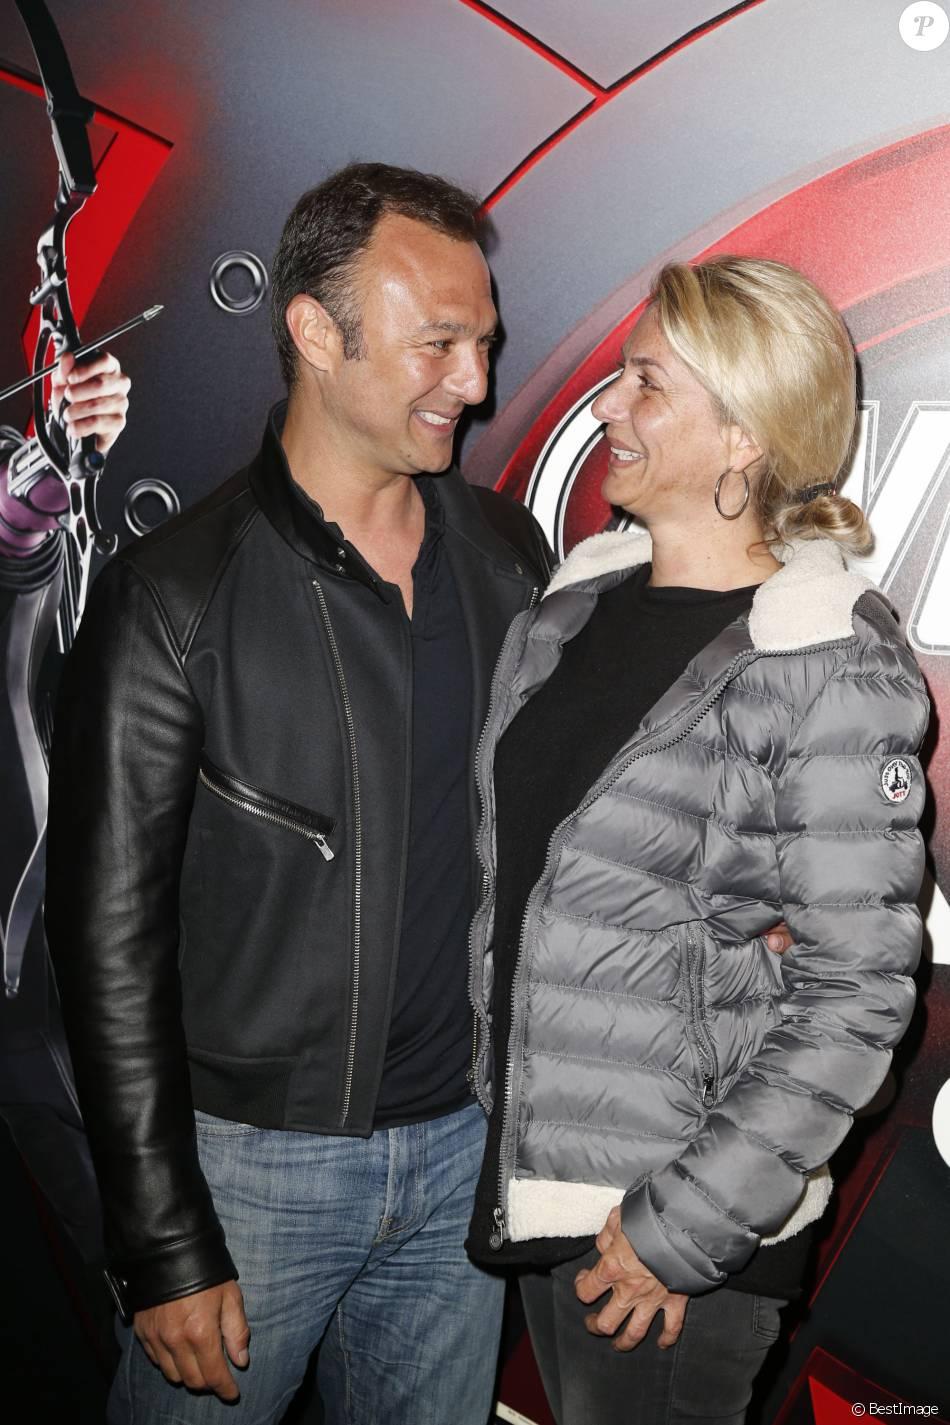 Alexandre devoise et sa femme anca vernissage de l 39 expositionmarvel avengers s t a t i o n - Alexandre jardin et sa femme ...